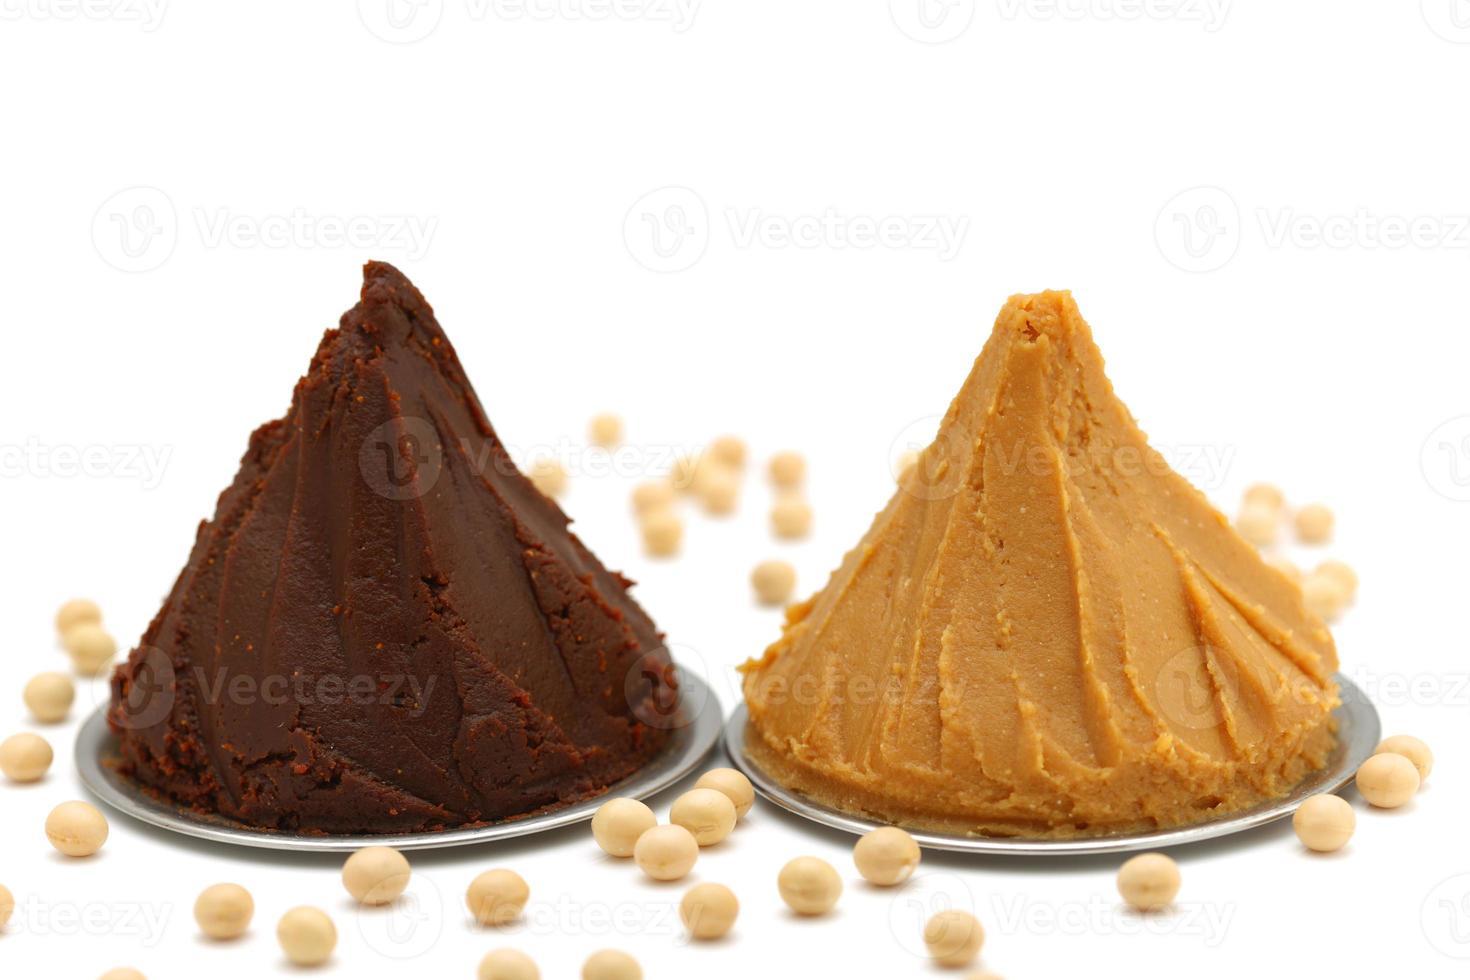 sojabonen verwerkt voedsel foto